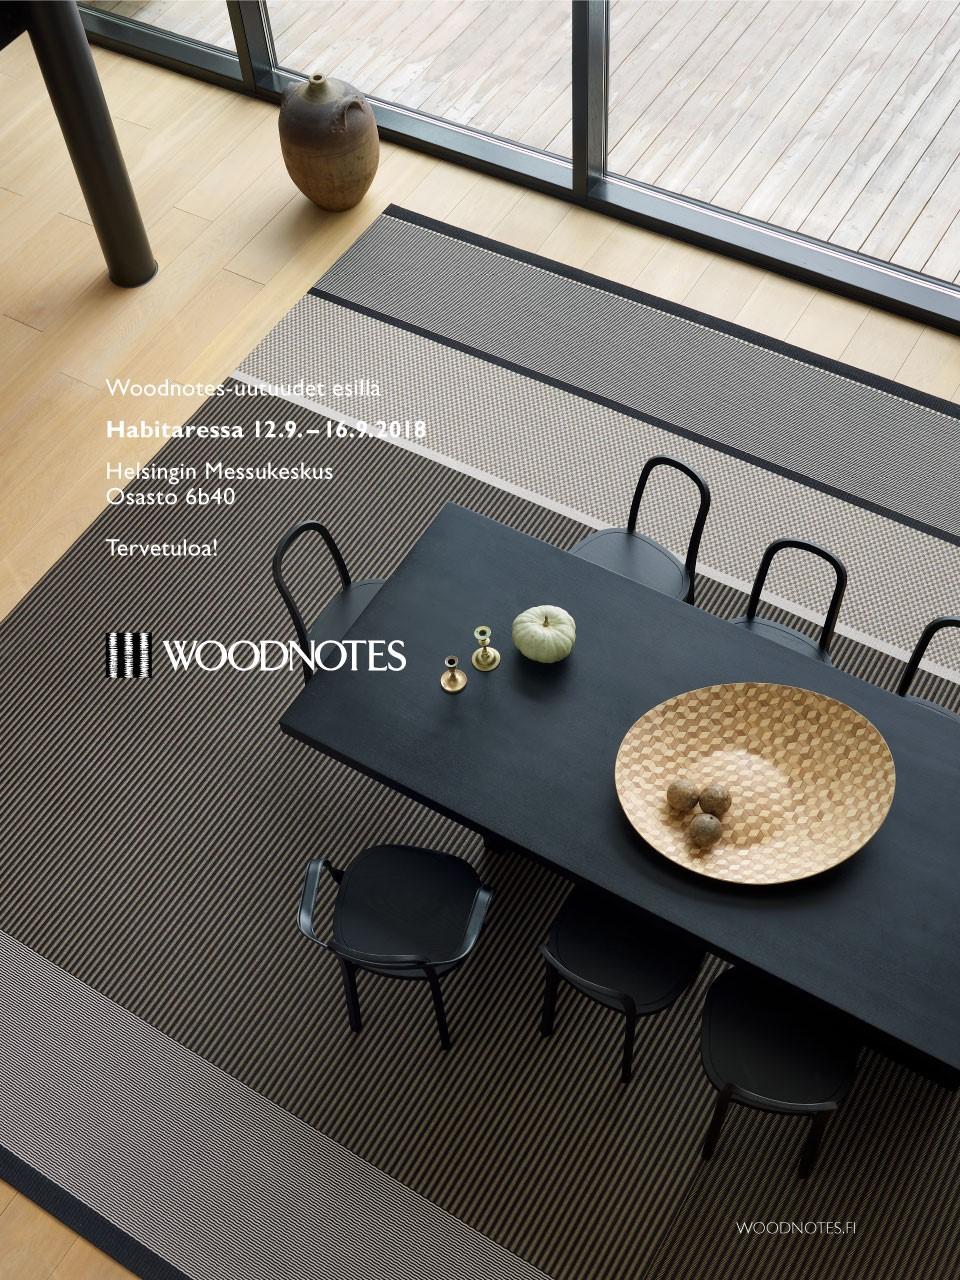 Habitare 2018_Woodnotes_kutsu.jpg